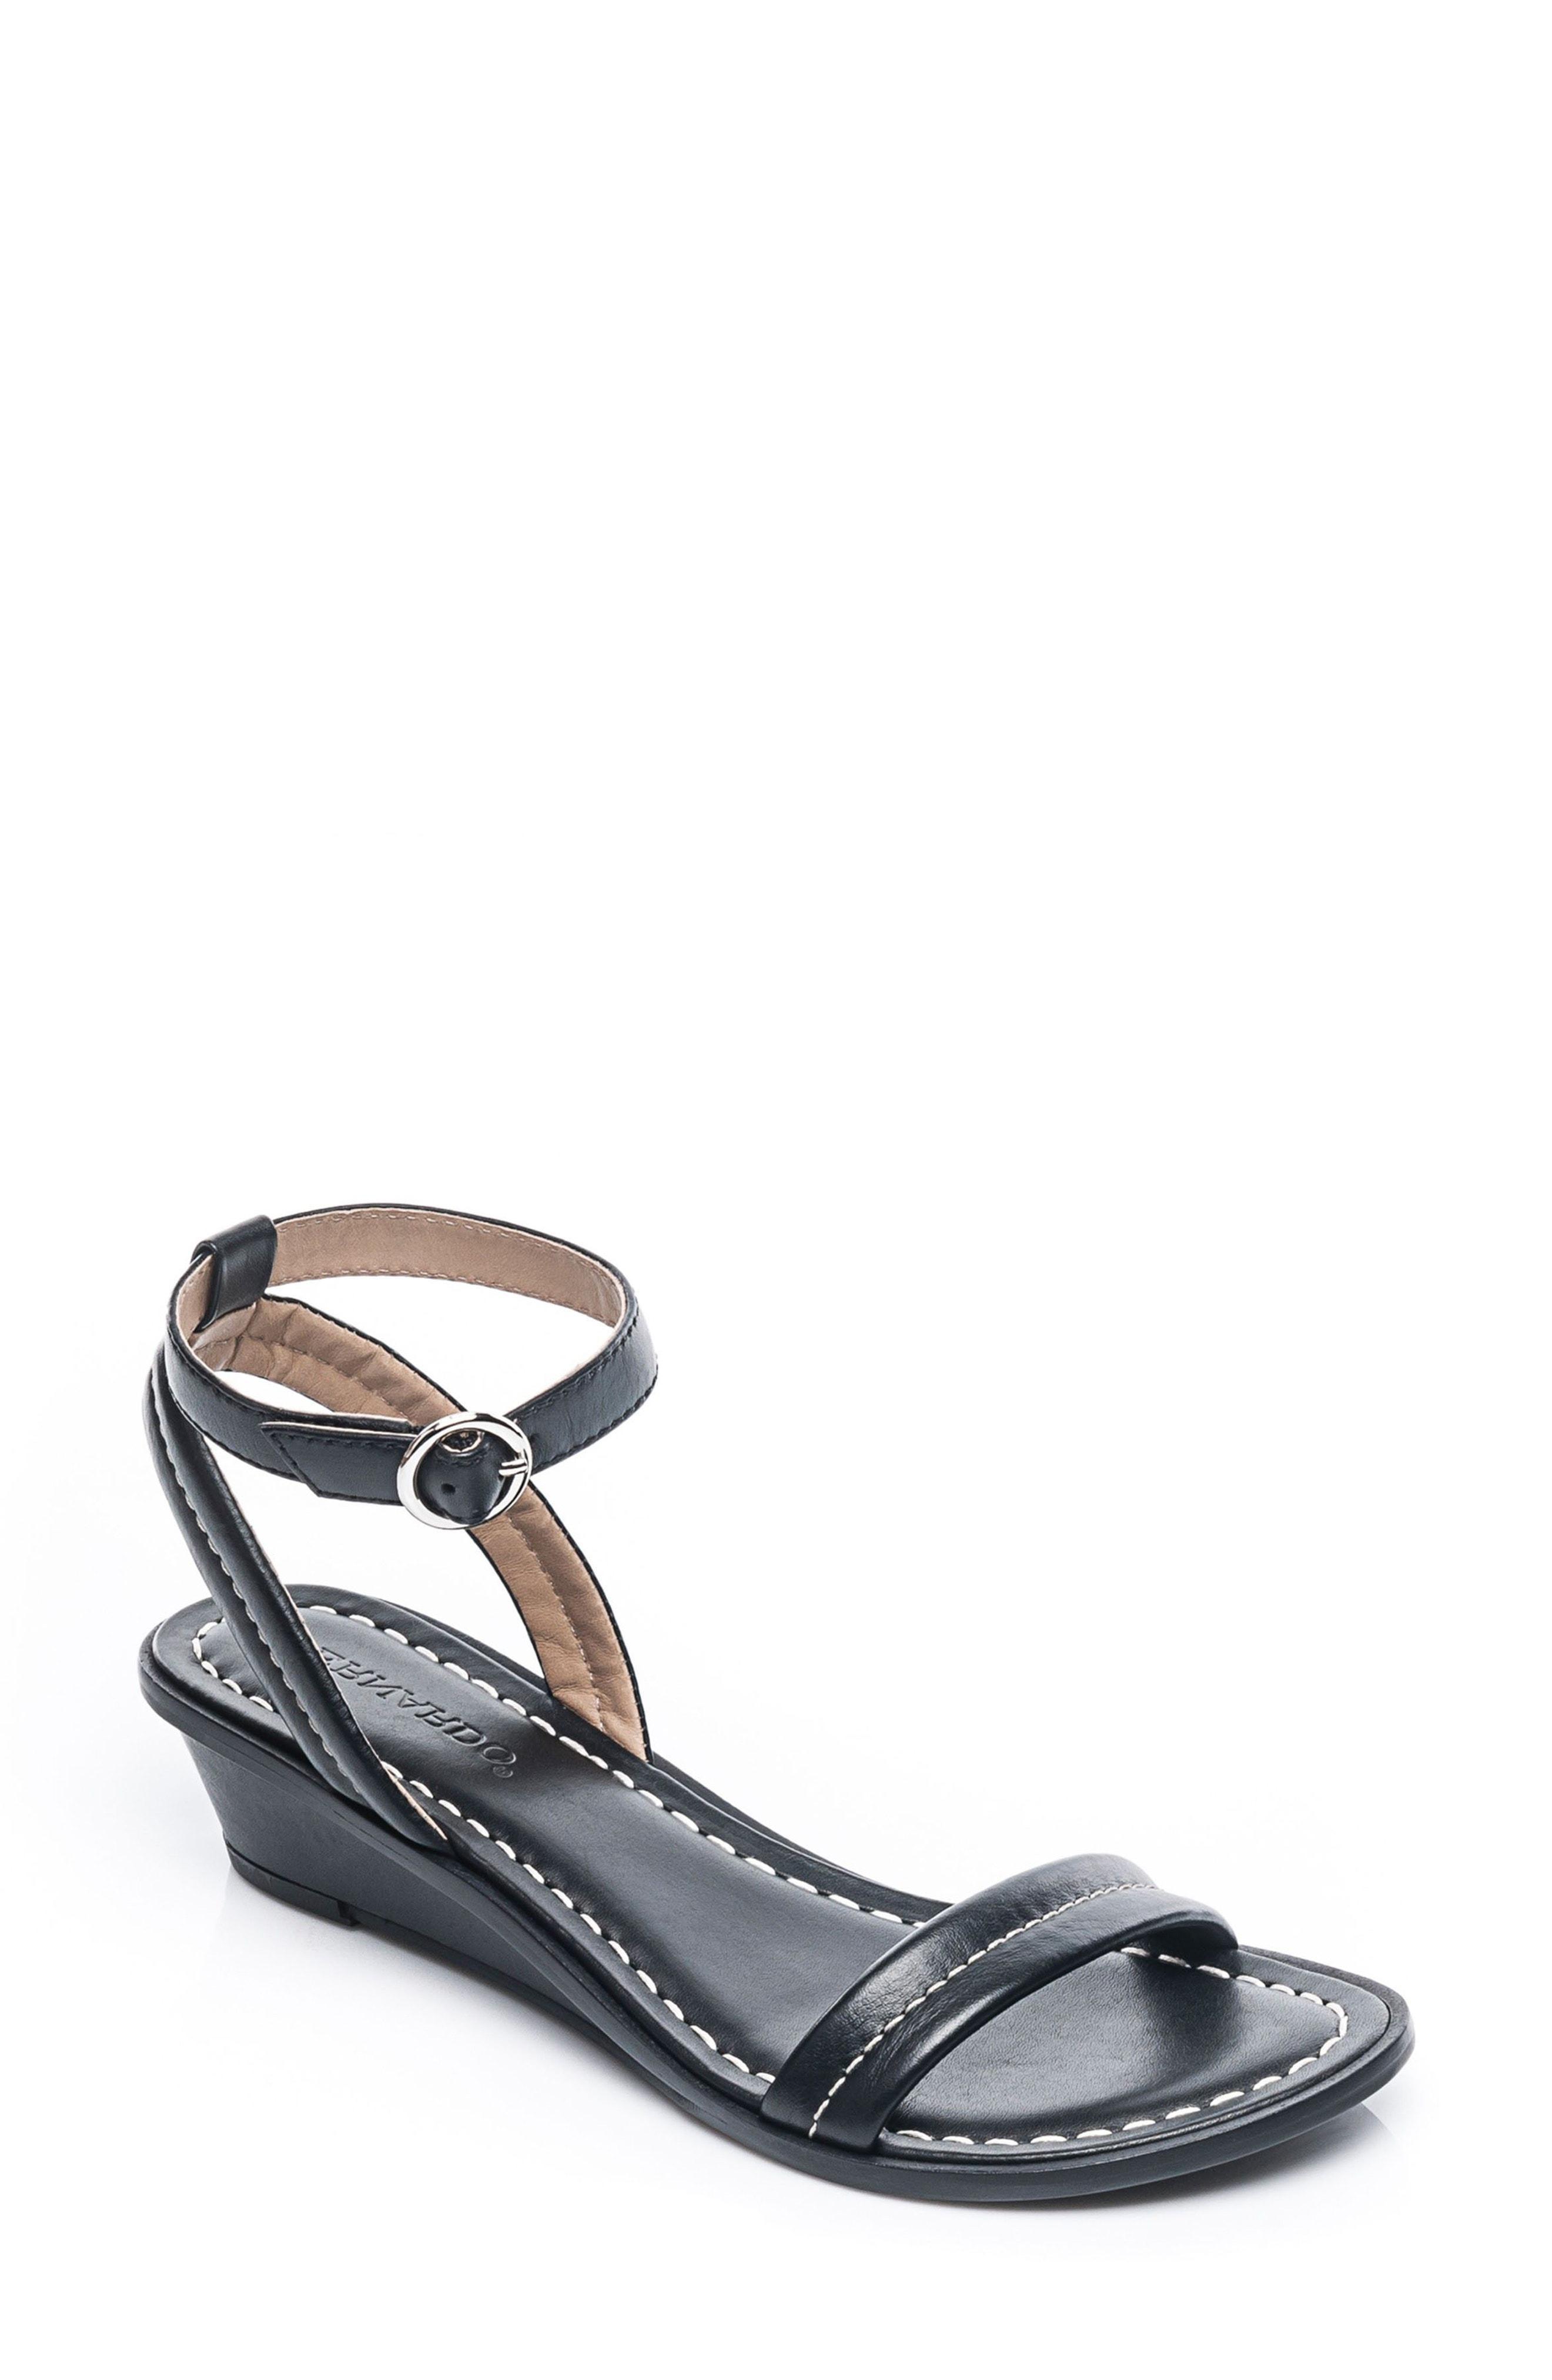 6eb26651d6cb9 Lyst - Bernardo Bernardo Catherine Ankle Strap Sandal in Black